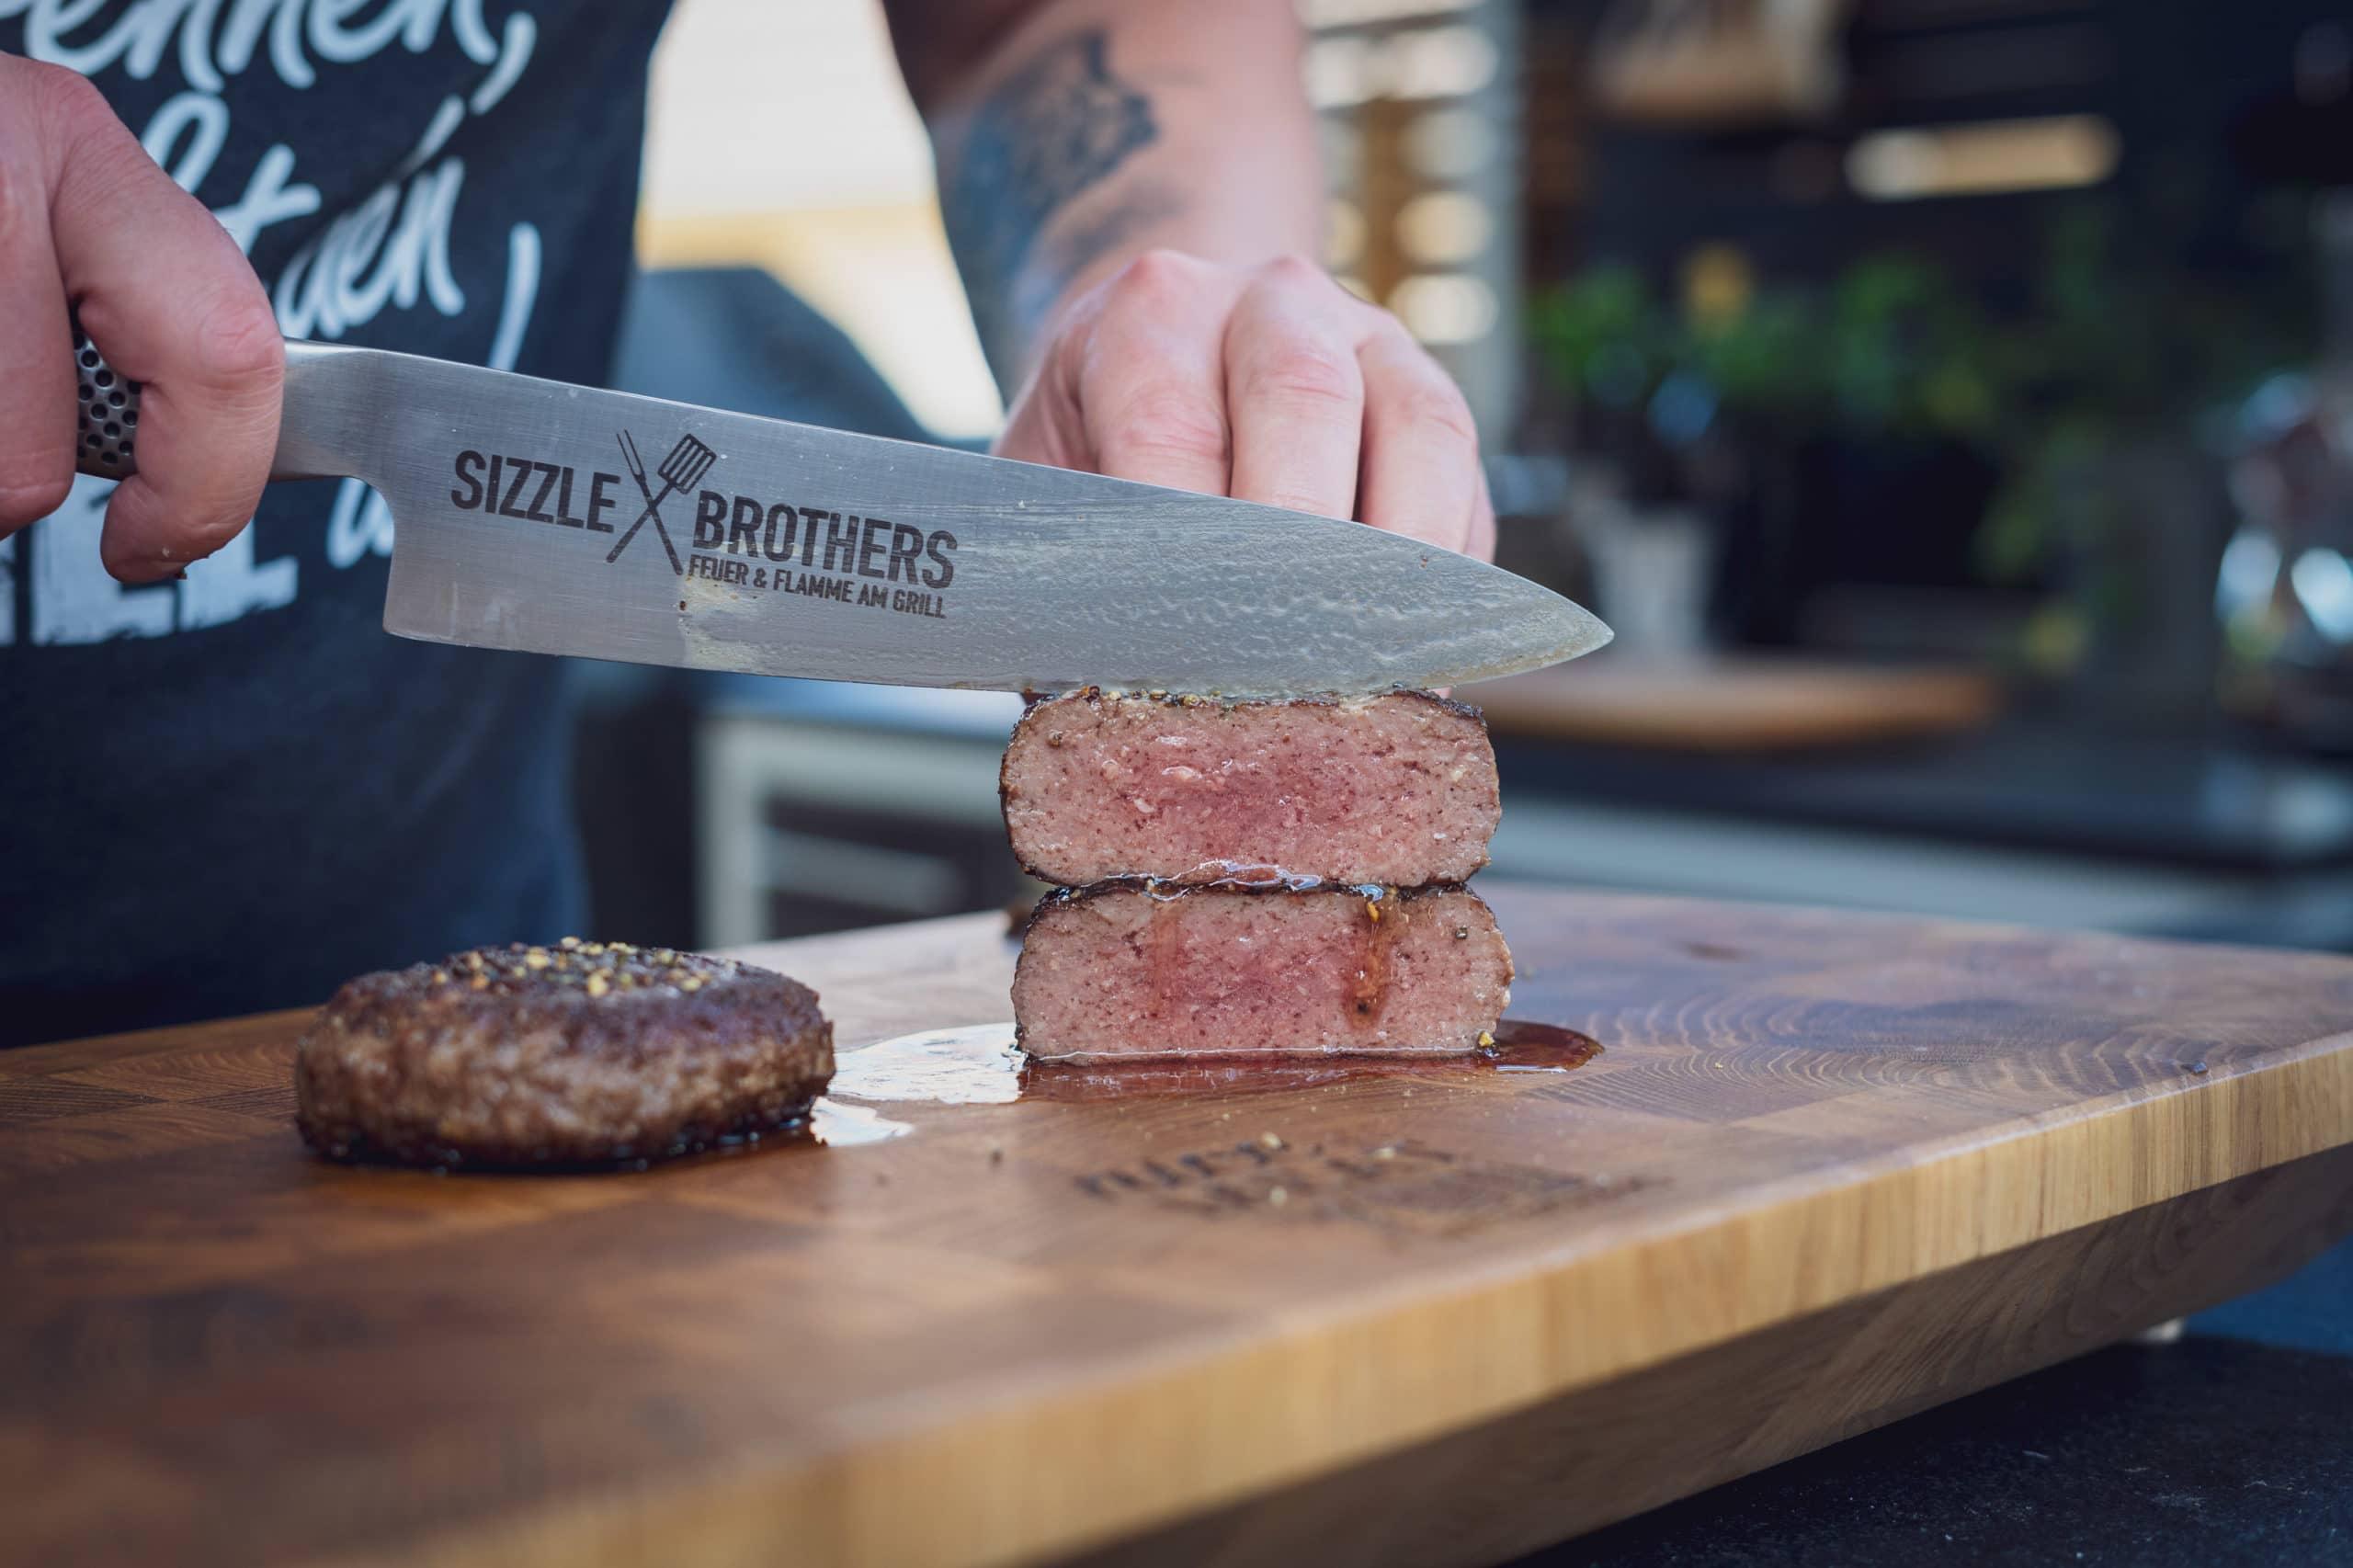 Das selbst gemachte Wagyu Steak sollte 56 °C im Kern haben